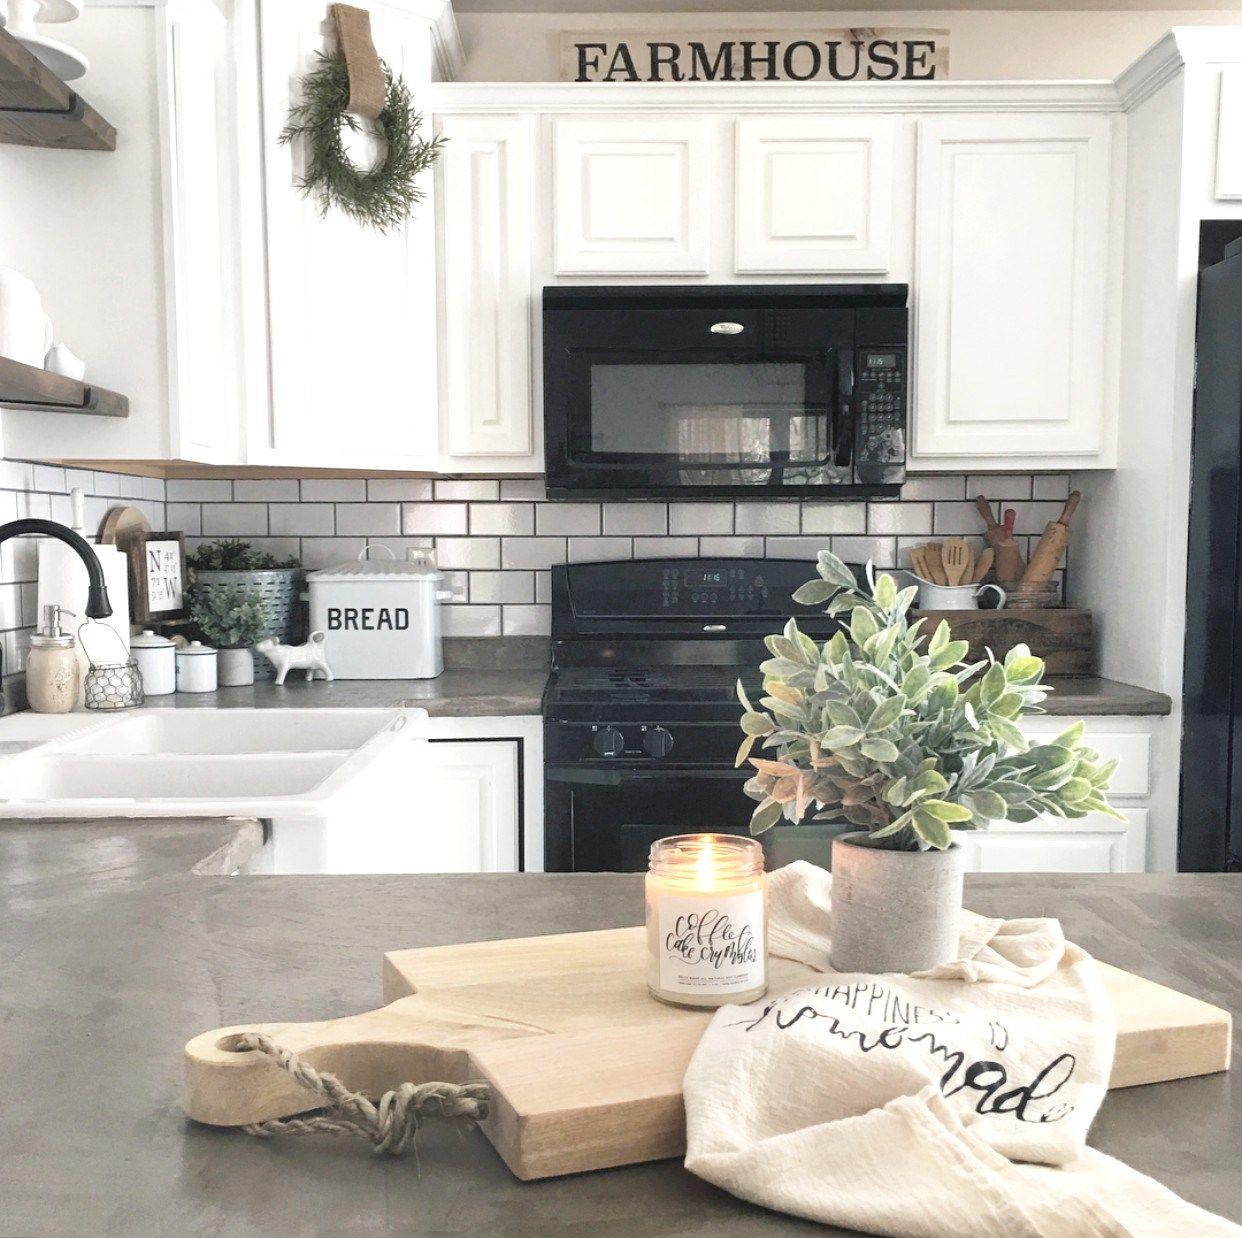 Farmhouse kitchen The Little White Farmhouse Blog